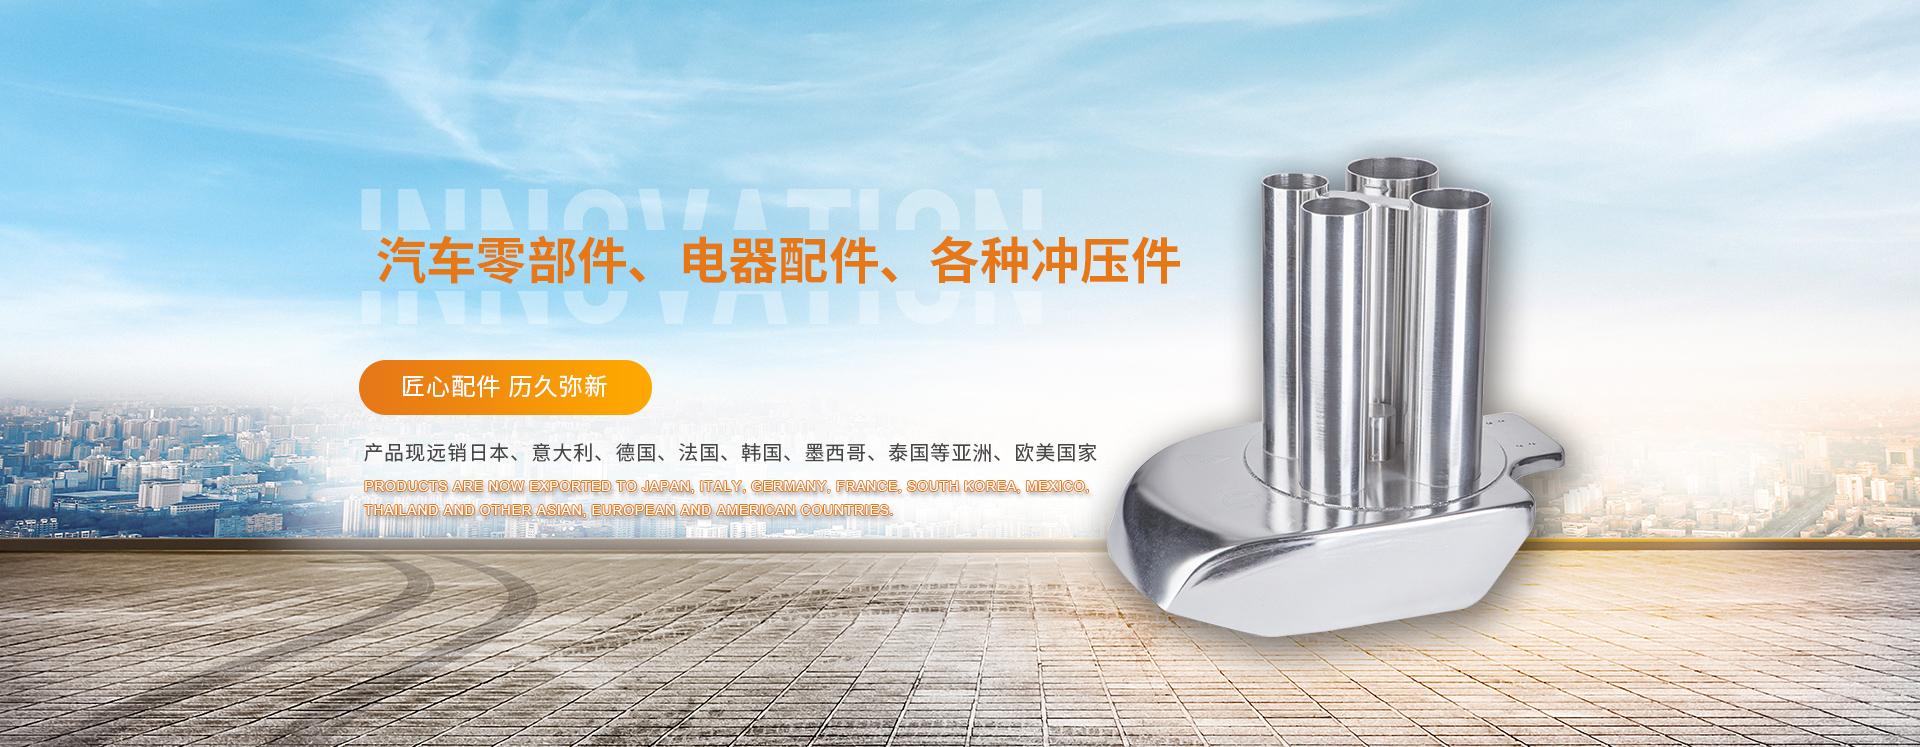 江苏金世康电器科技有限公司